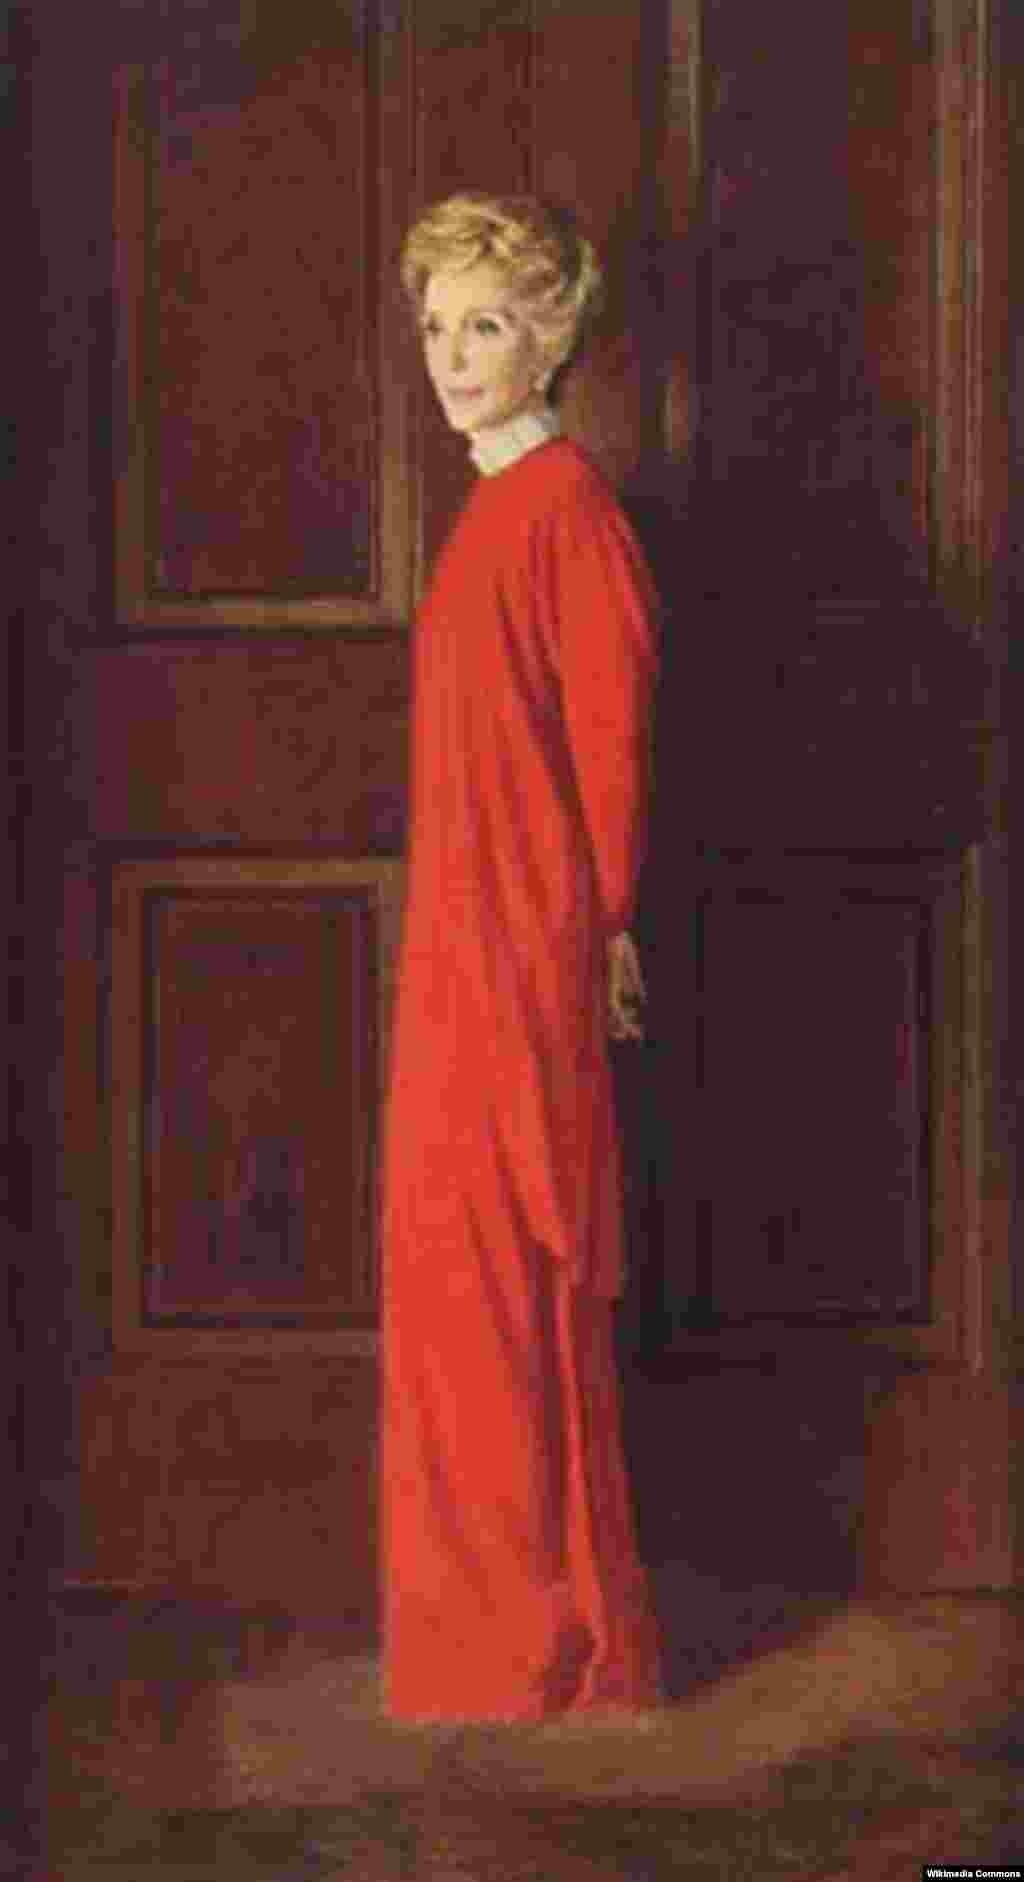 Официальный портрет Нэнси Рейган в Белом доме.